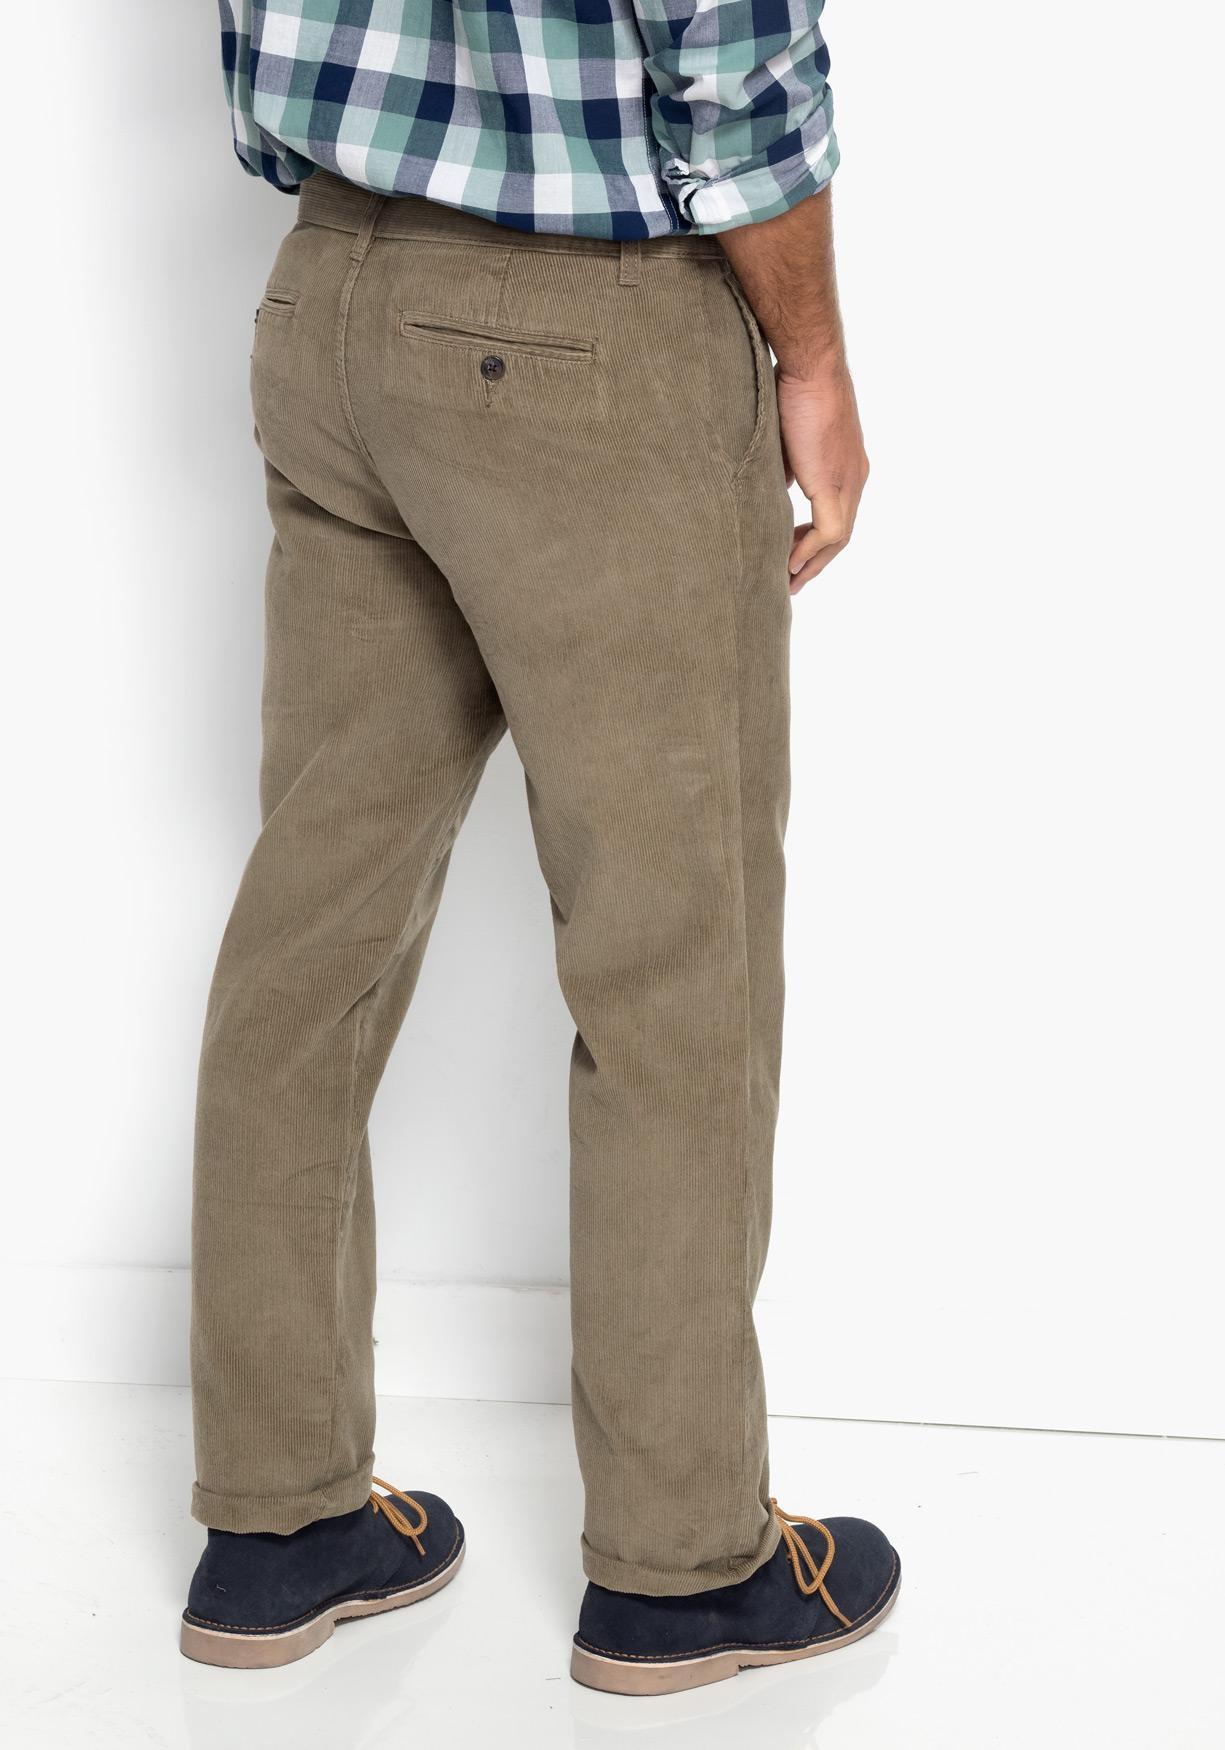 e5cabb814 Comprar Pantalón de pana TEX. ¡Aprovéchate de nuestros precios y ...